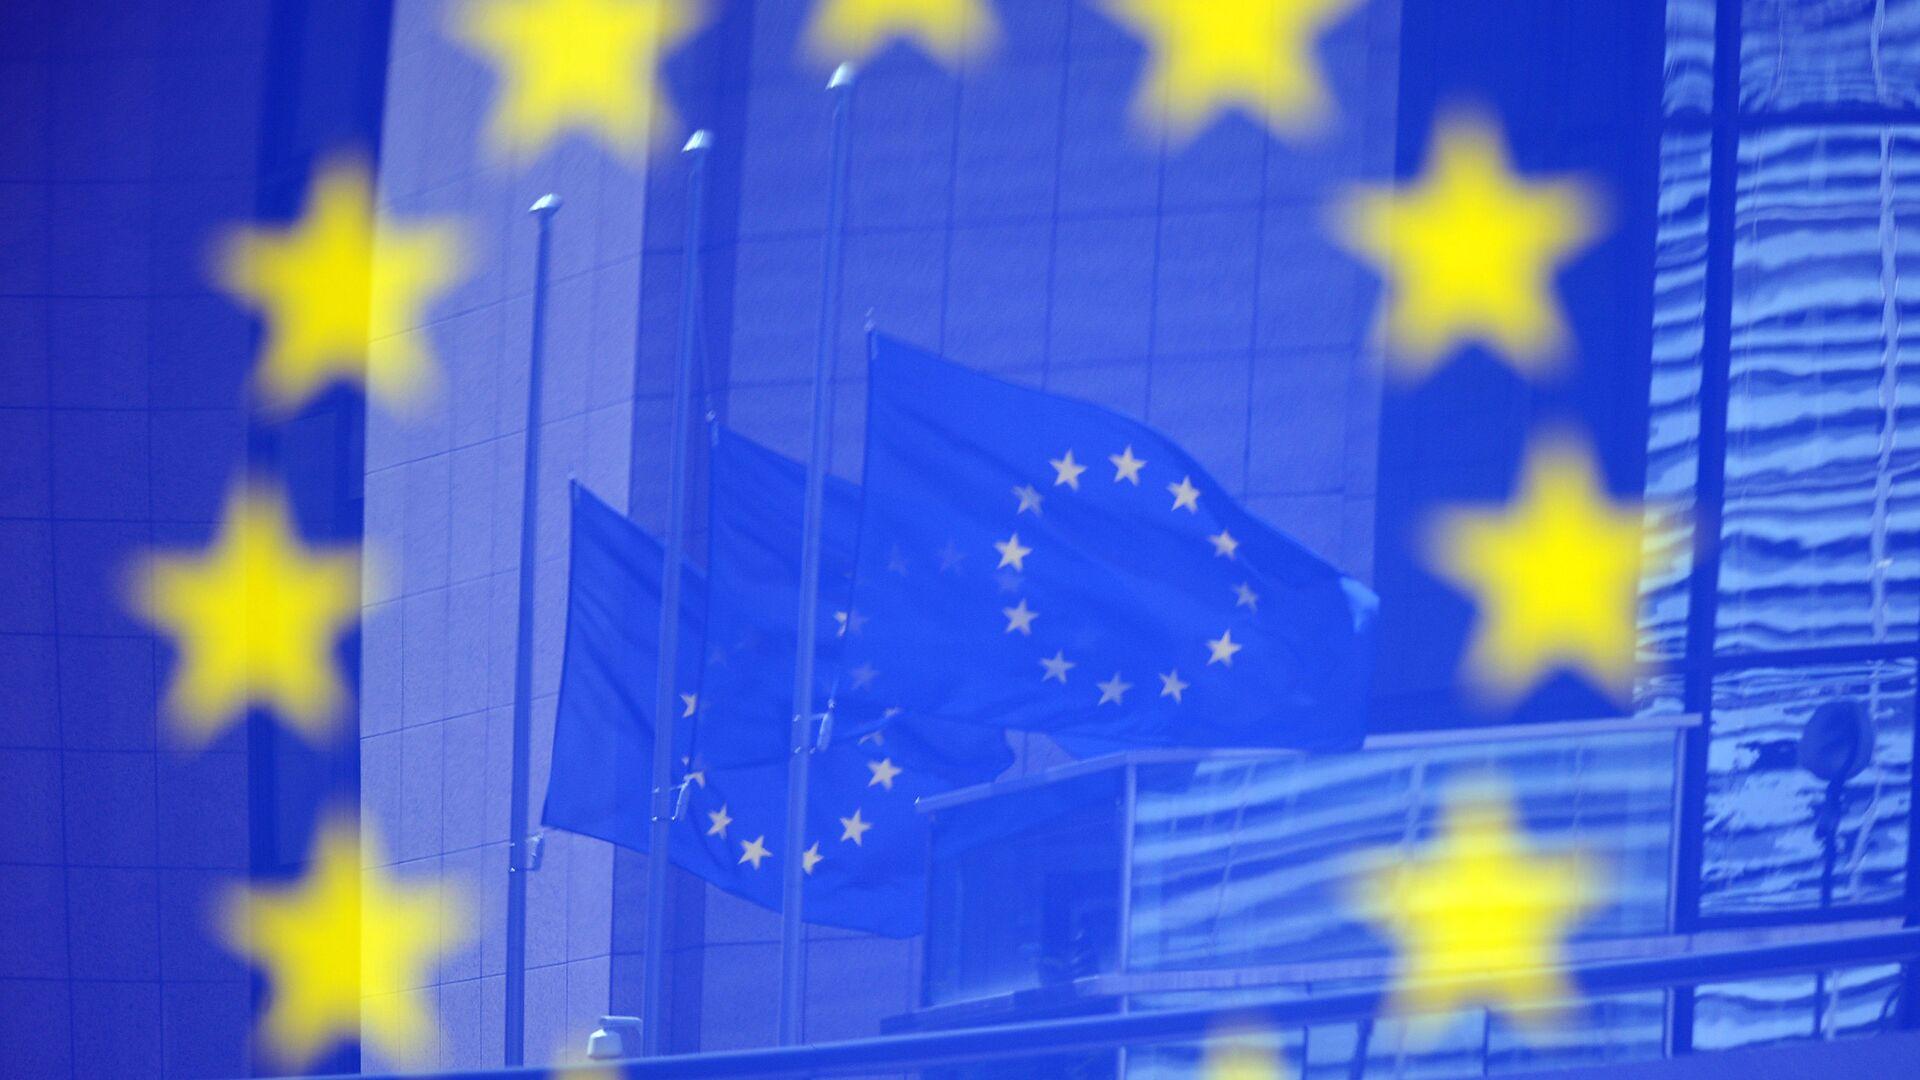 Флаги в отражении на стенде с эмблемой ЕС - Sputnik Беларусь, 1920, 07.10.2021